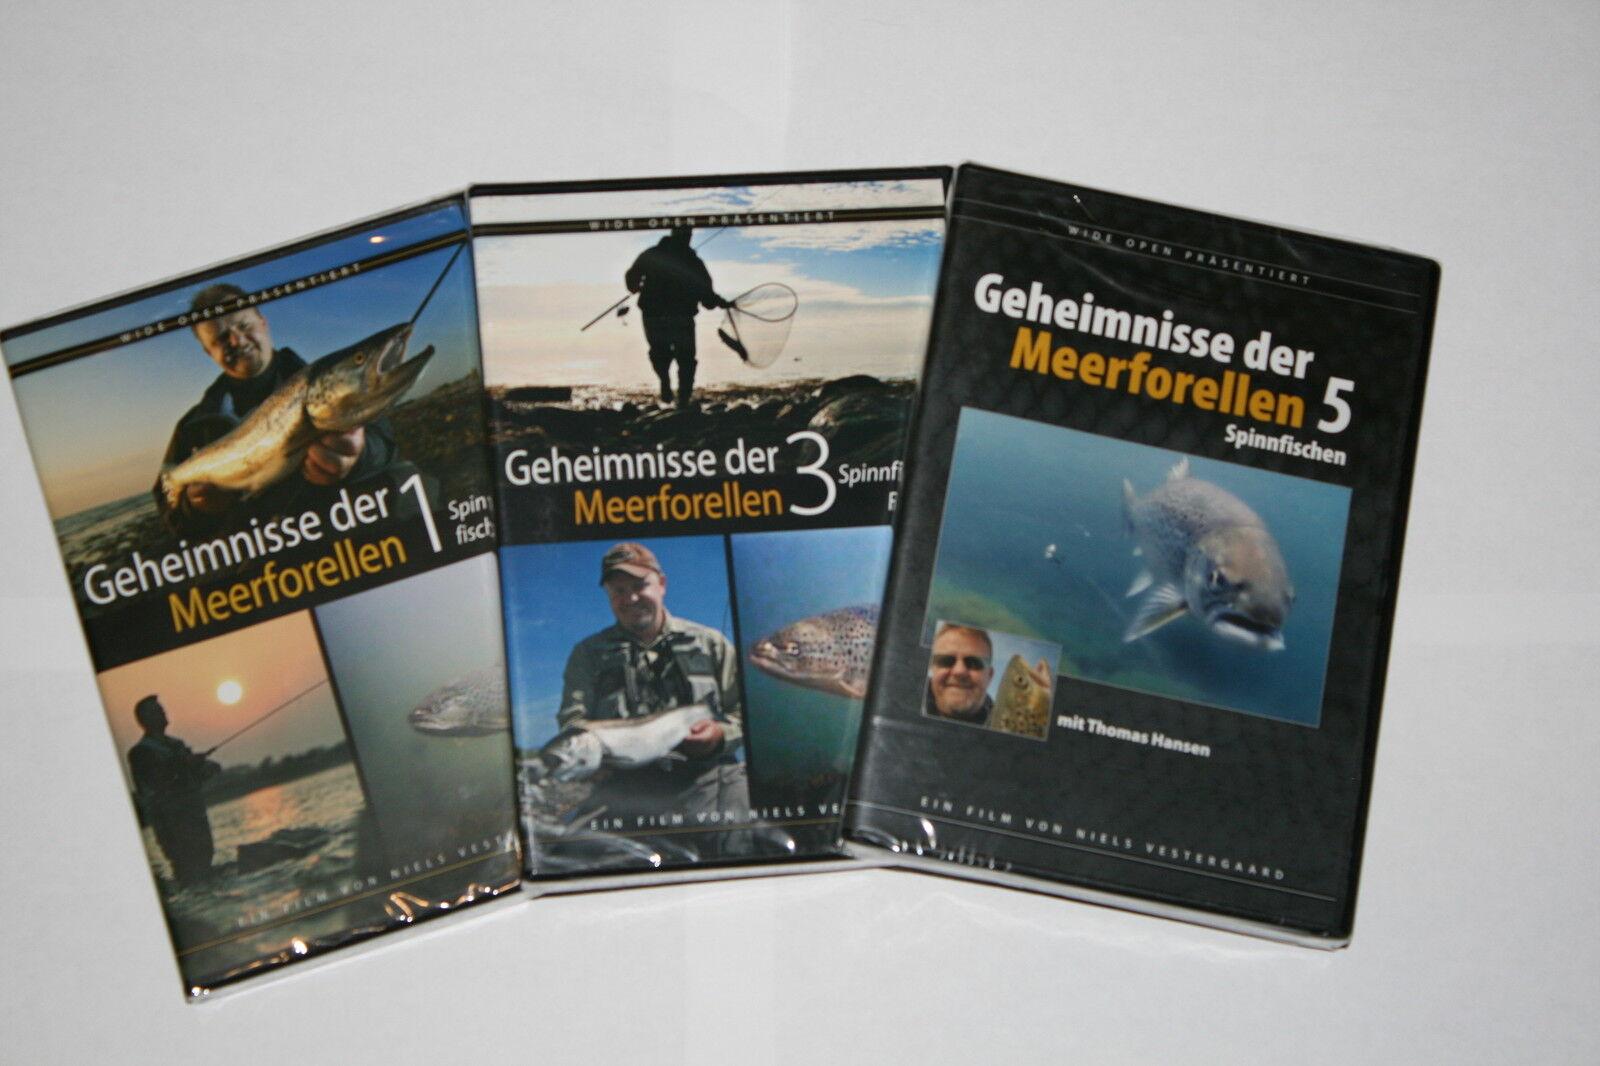 salar.dvd